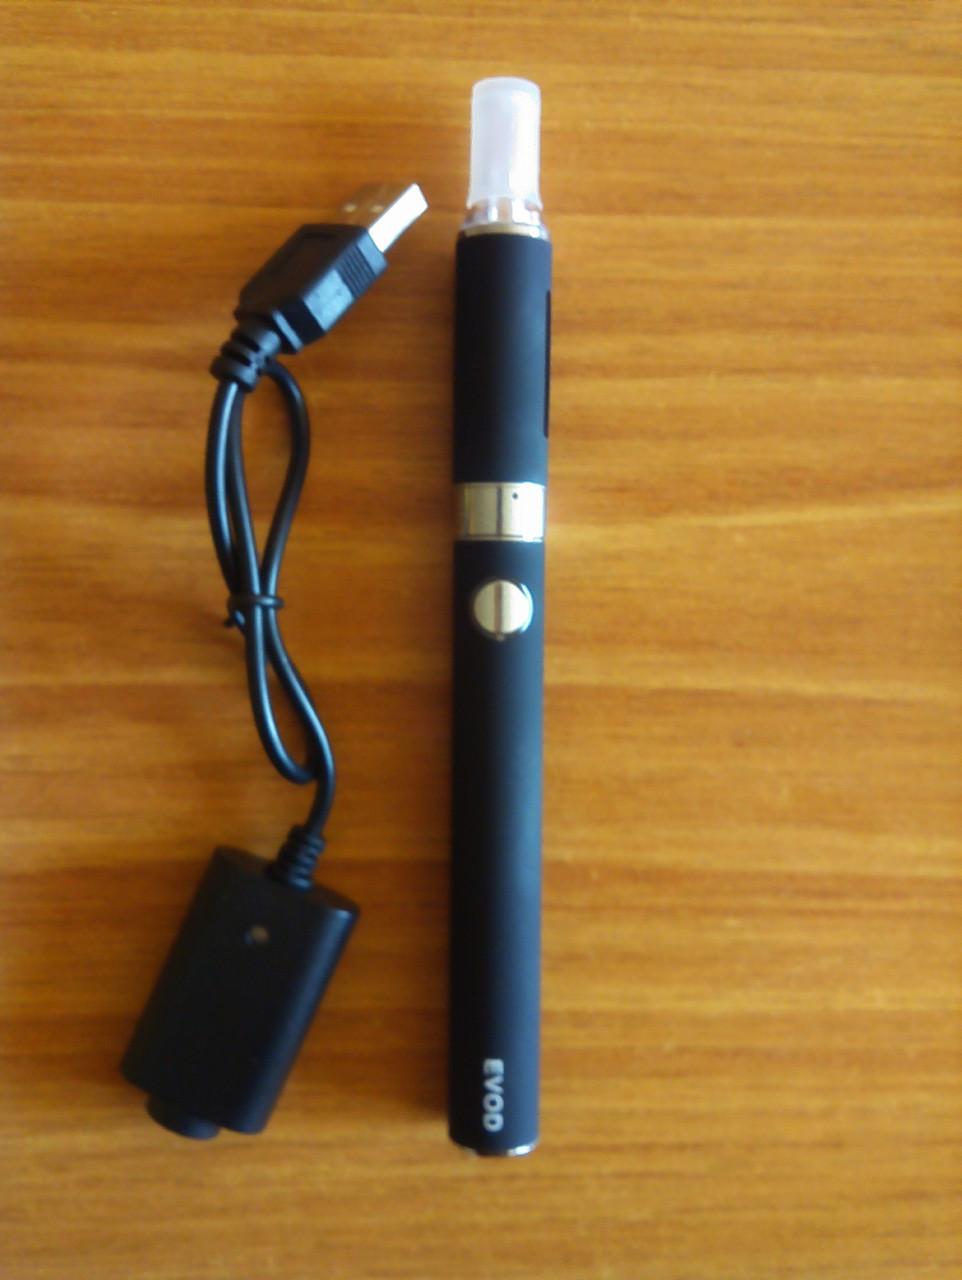 Электронная сигарета купить оптом китай особенностей рекламы табачных изделий